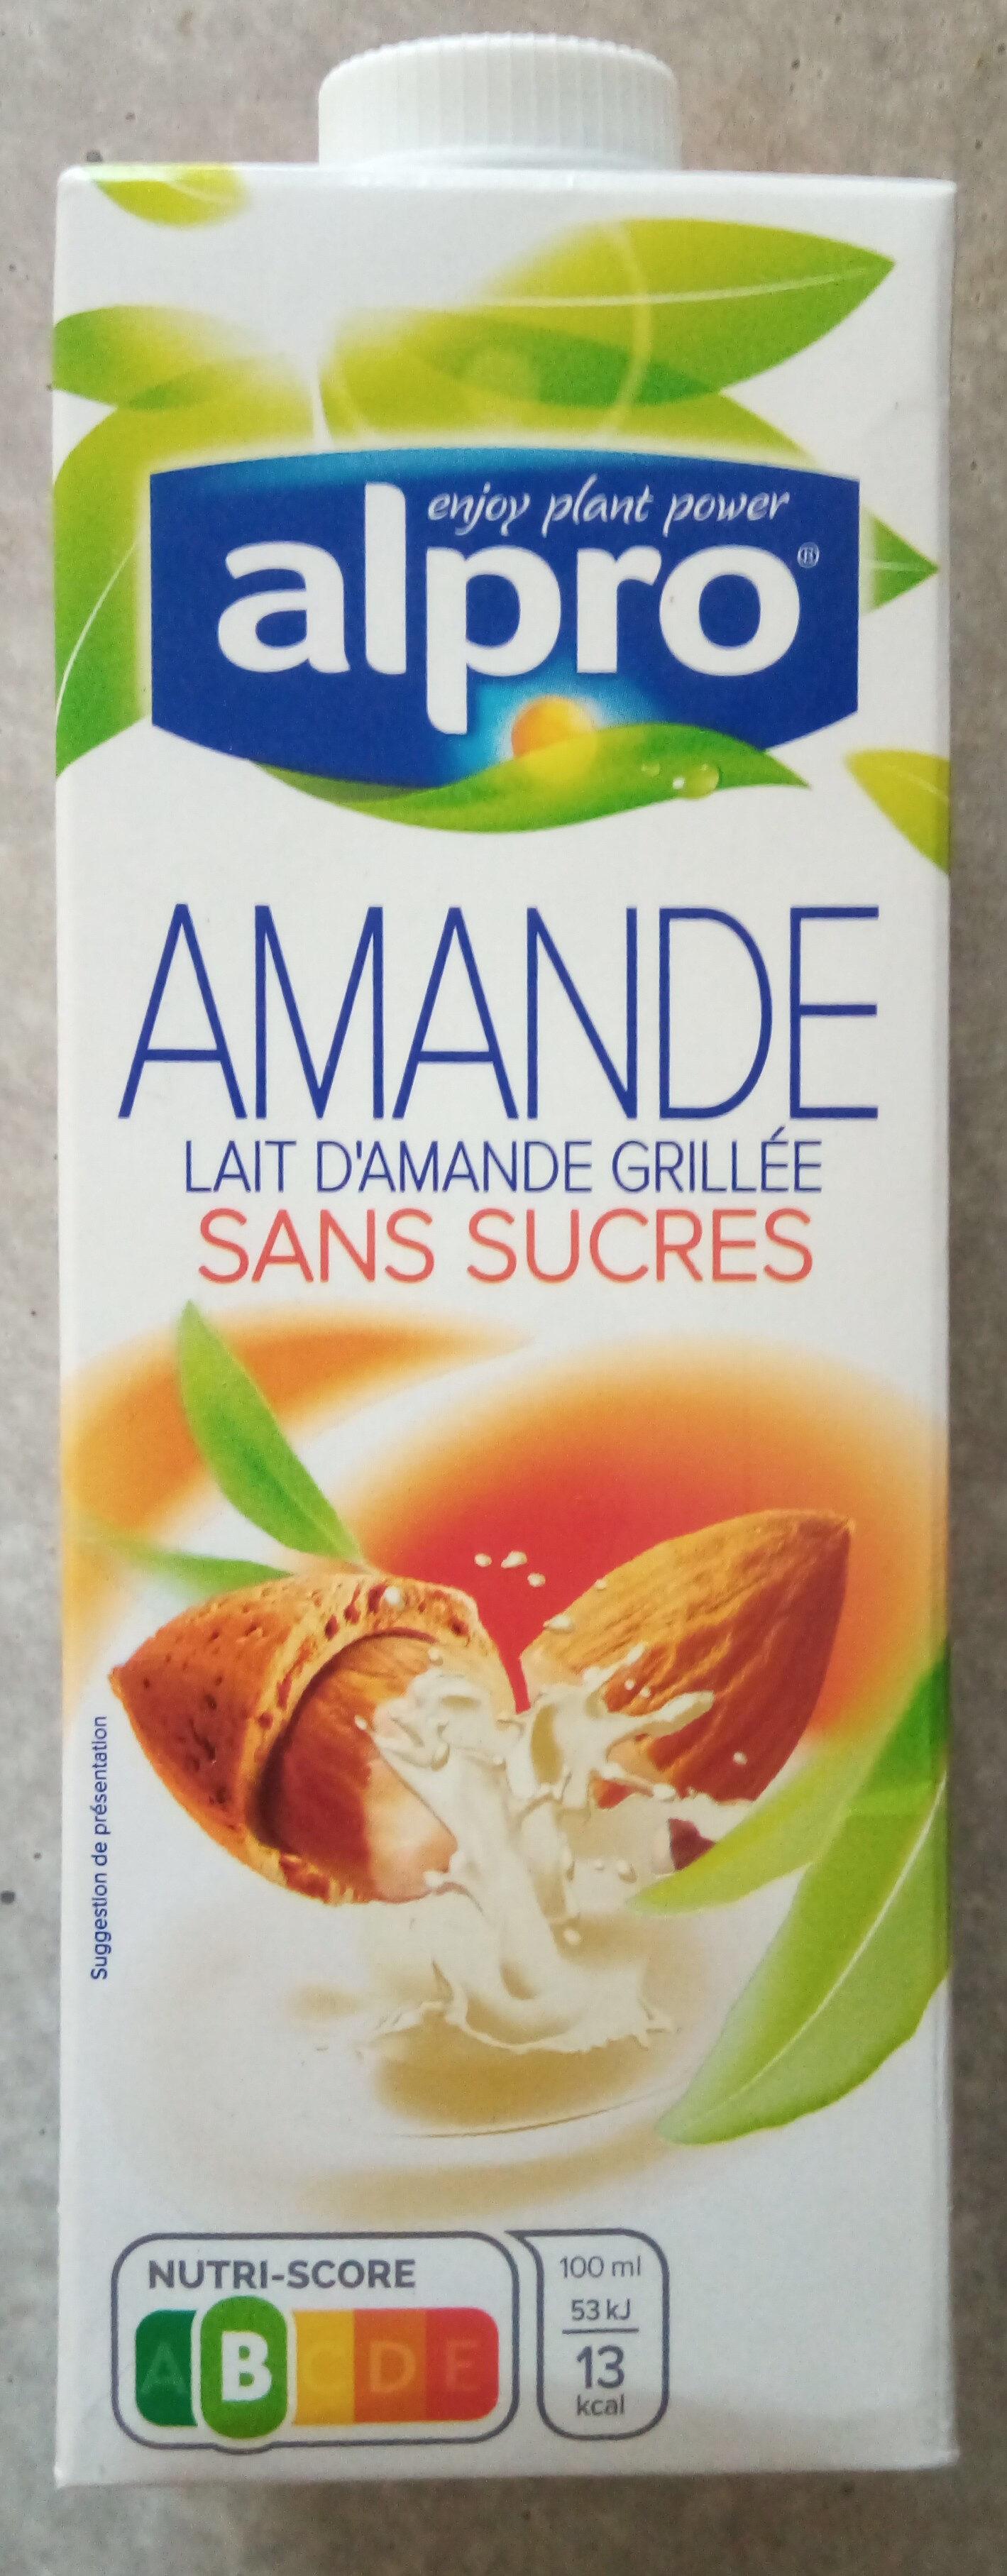 Amande - Product